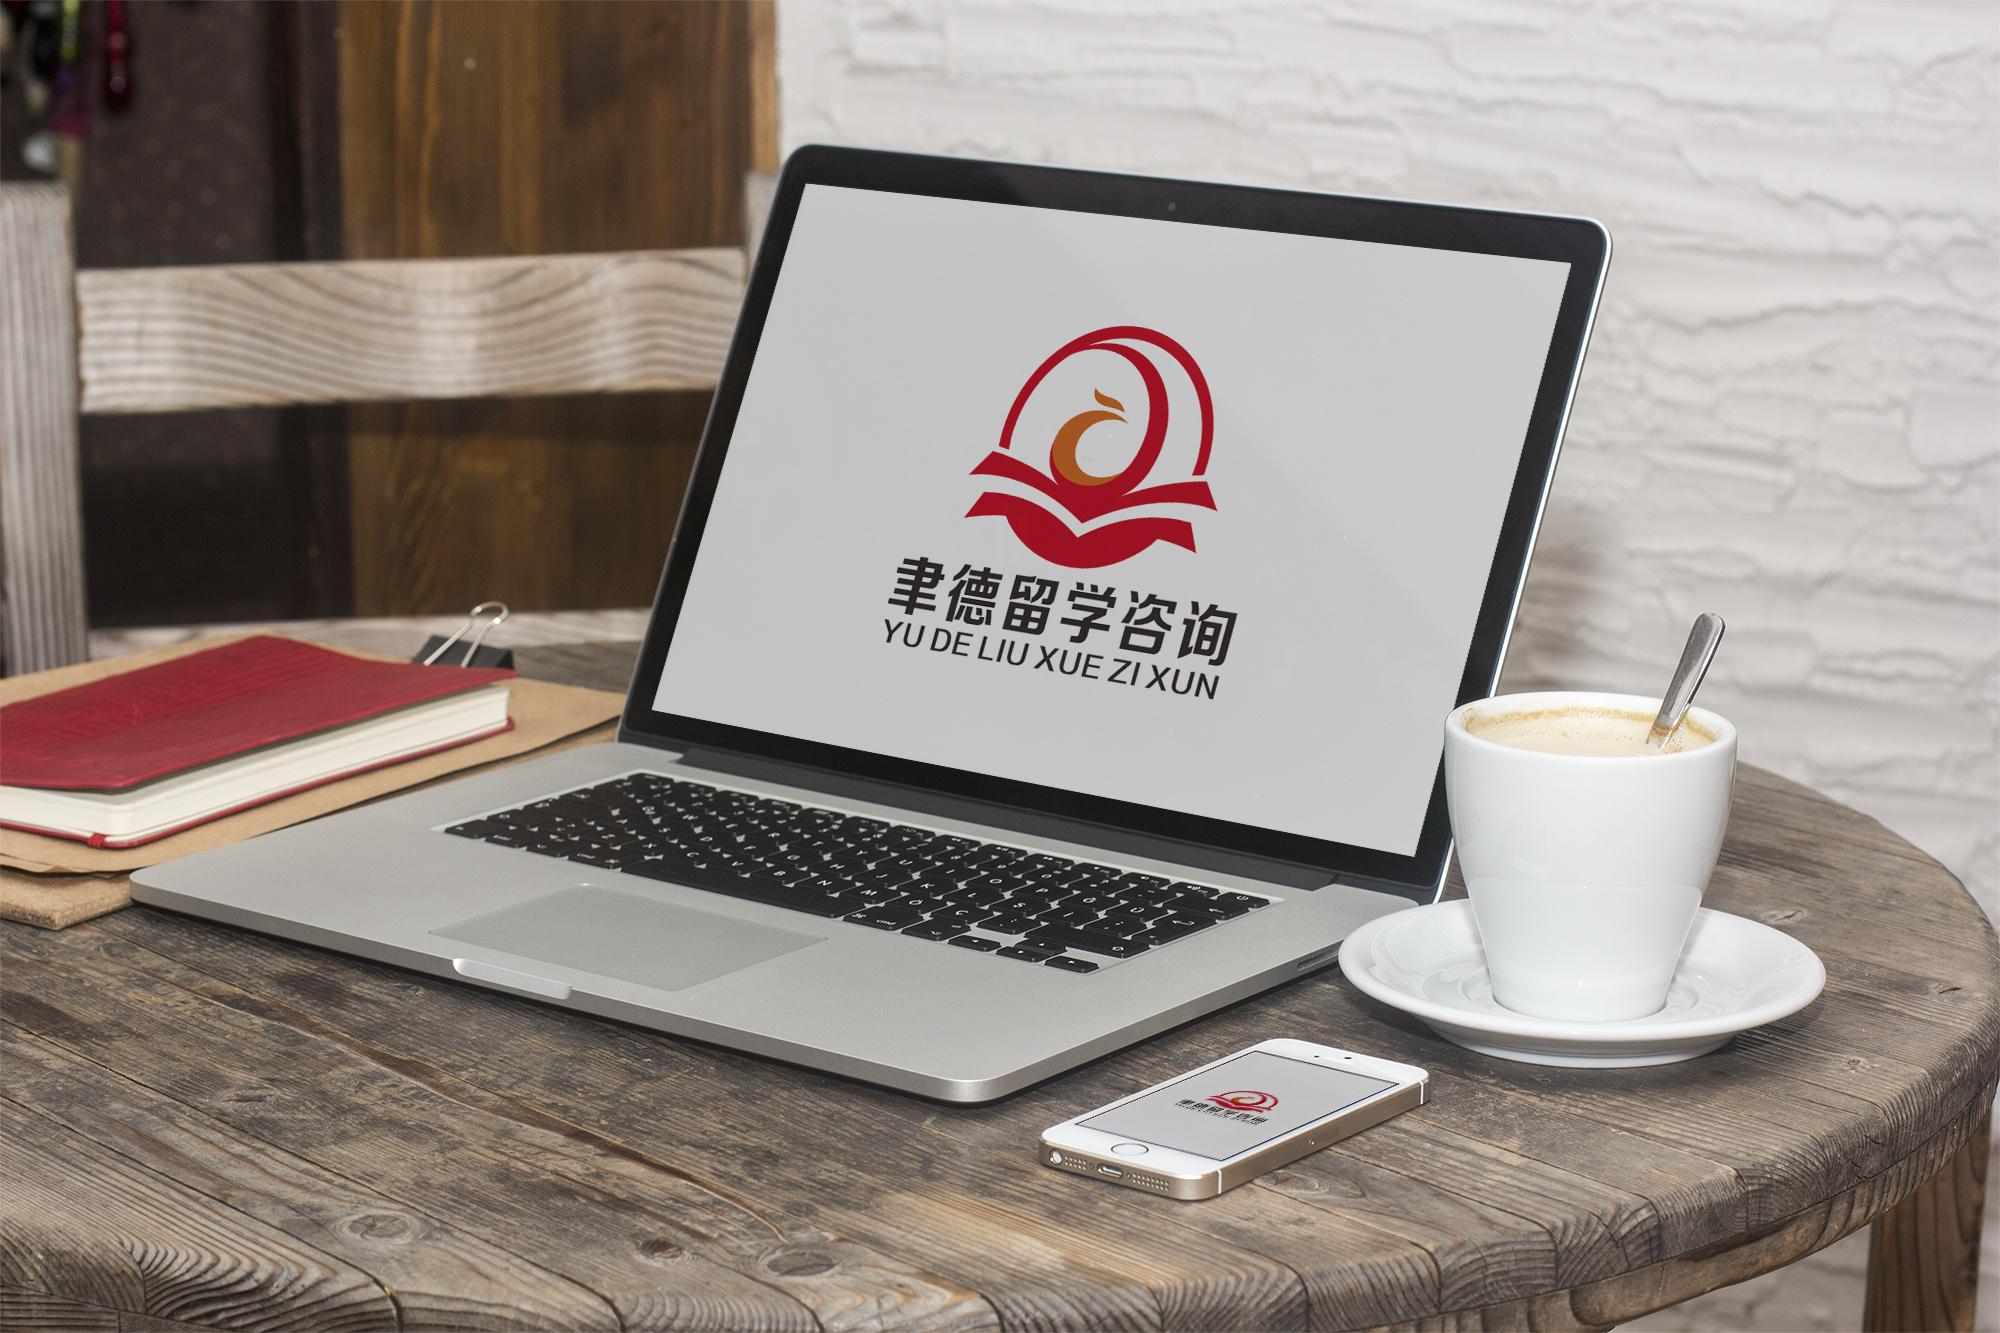 留学咨询公司标志设计_2963944_k68威客网